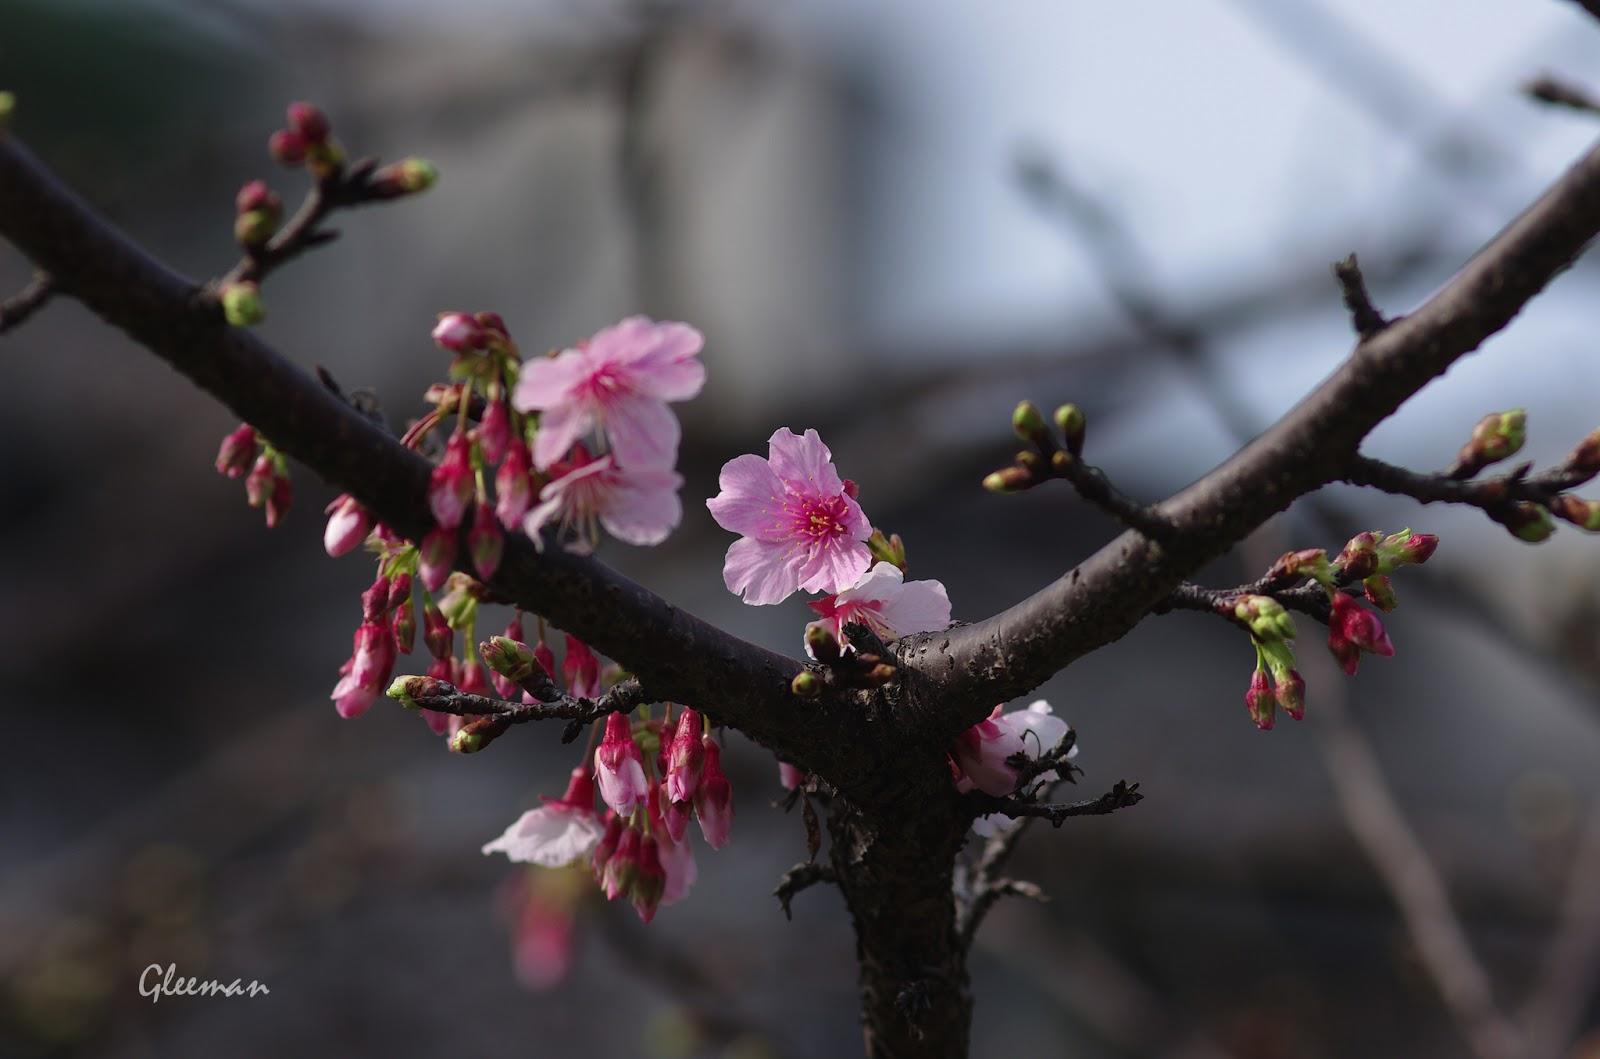 雞南山腳的櫻花陸續綻放,春天真的來了。